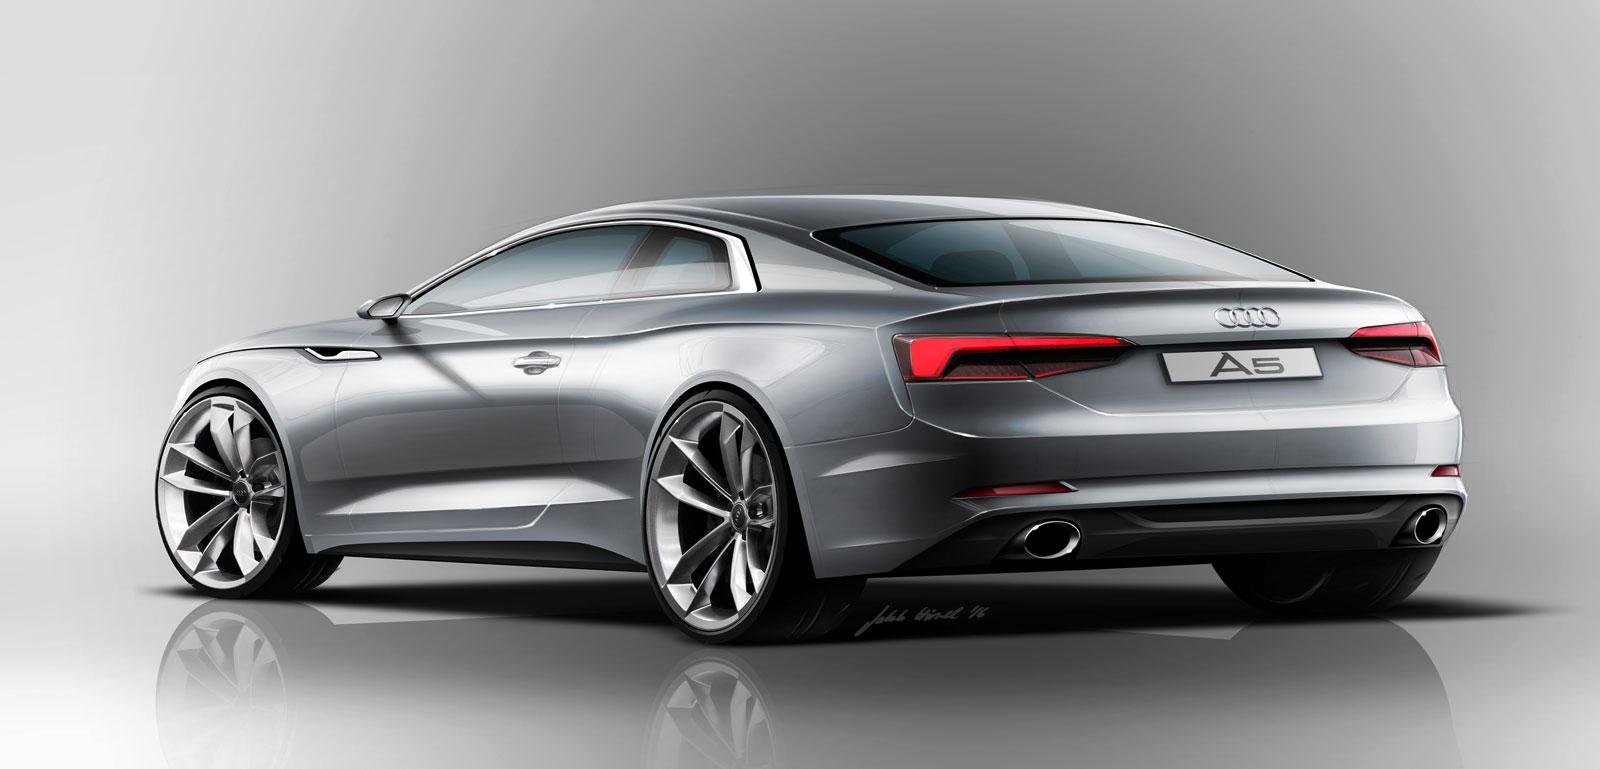 audi a5 coupe design sketch render car body design. Black Bedroom Furniture Sets. Home Design Ideas